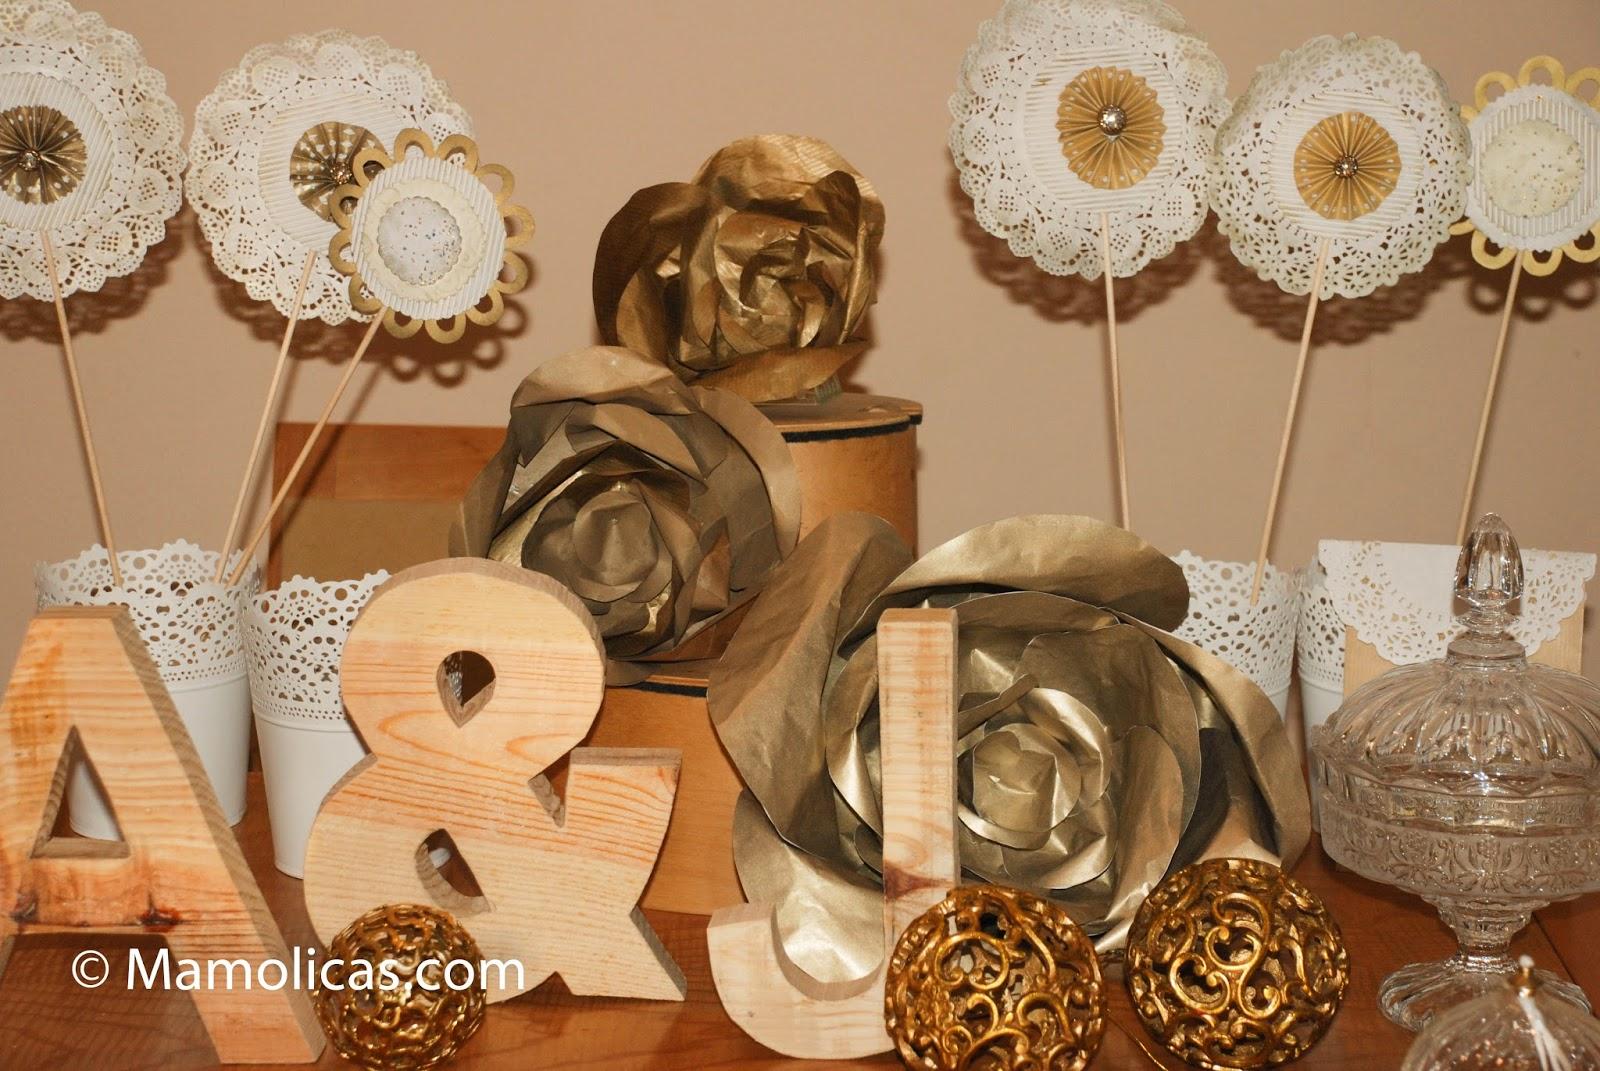 Mamolicas decoraci n bodas de oro detalles mesa dulces for Fotos de mesas de bodas